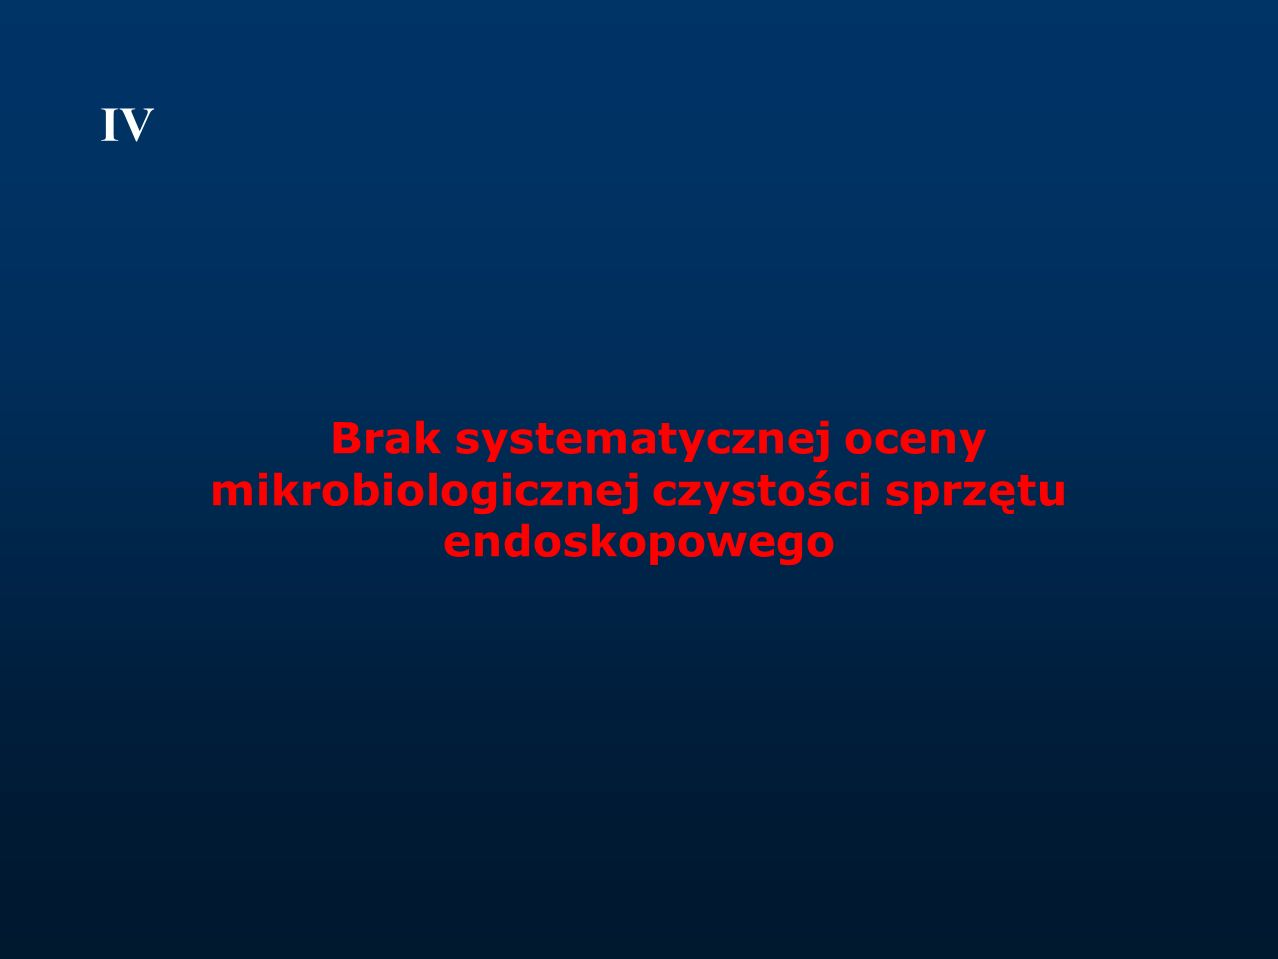 IV Brak systematycznej oceny mikrobiologicznej czystości sprzętu endoskopowego